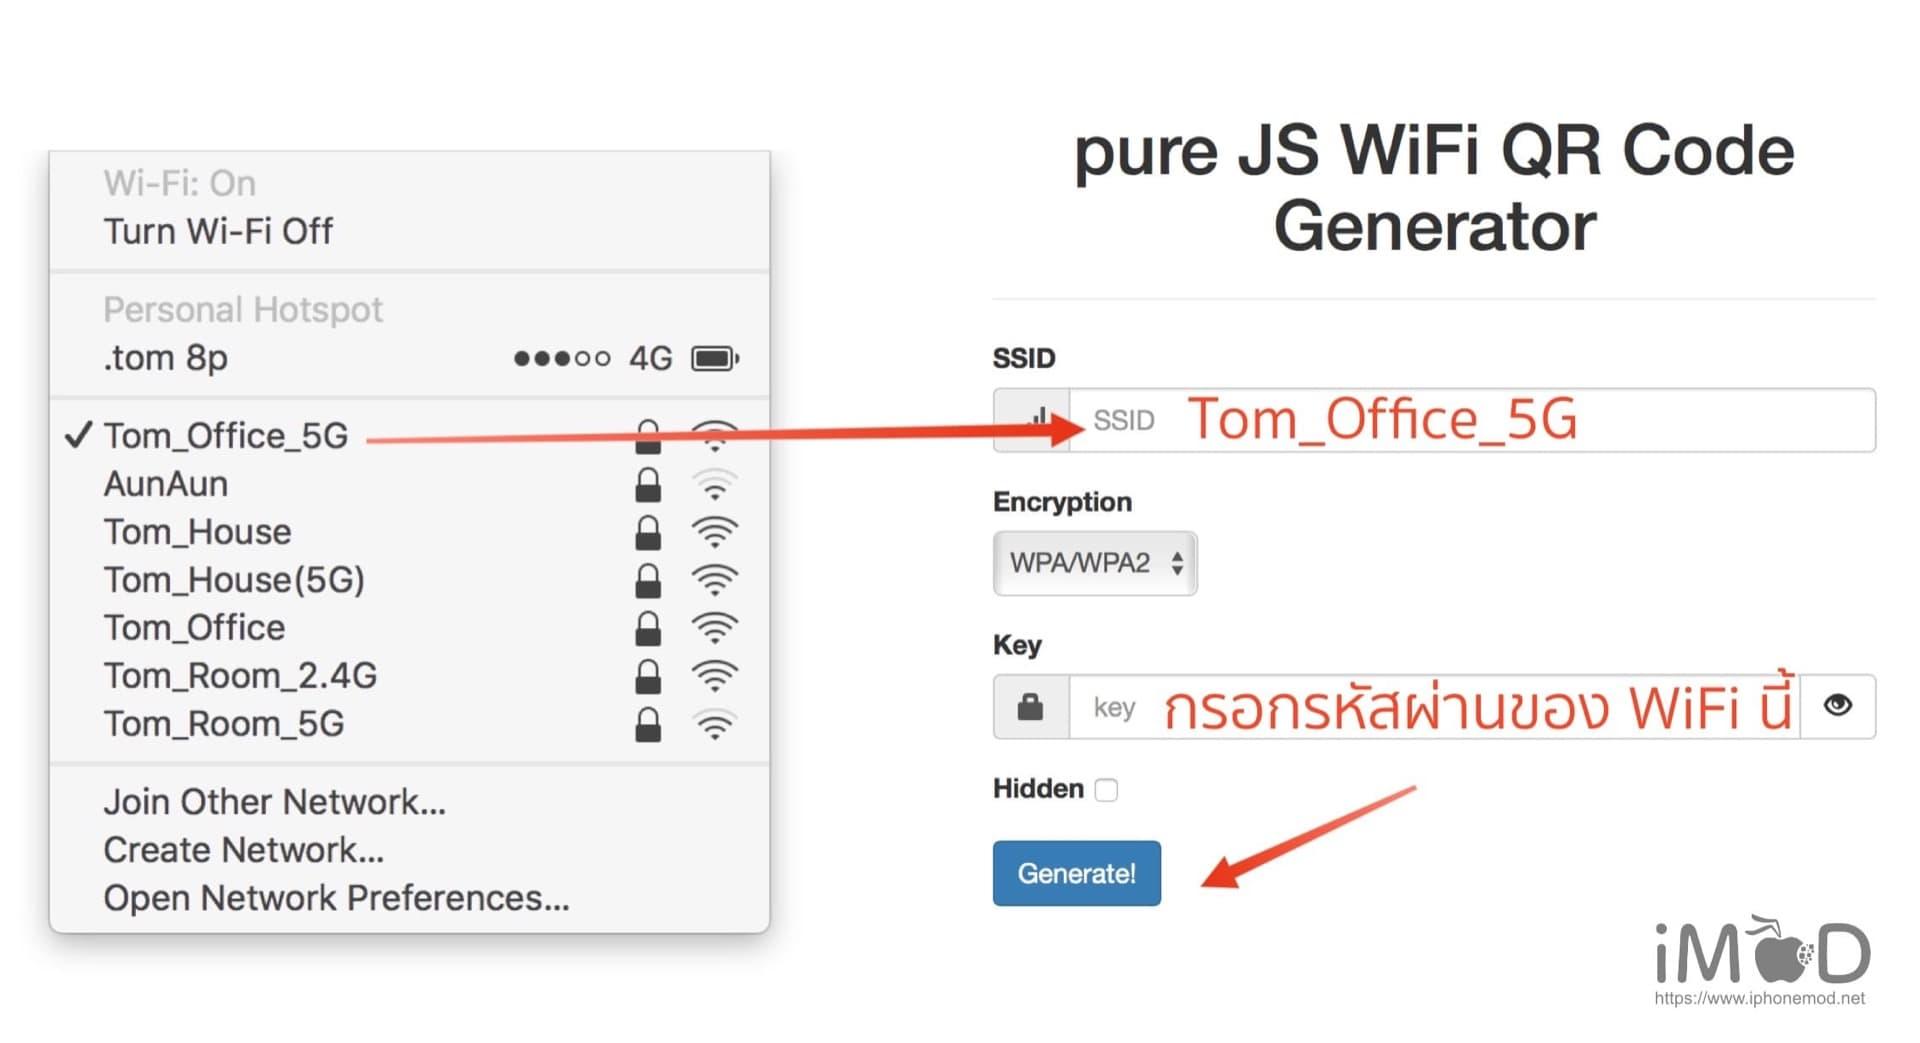 วิธีเชื่อมต่อ WiFi ด้วยการสแกน QR Code เชื่อมต่อง่ายๆ ไม่